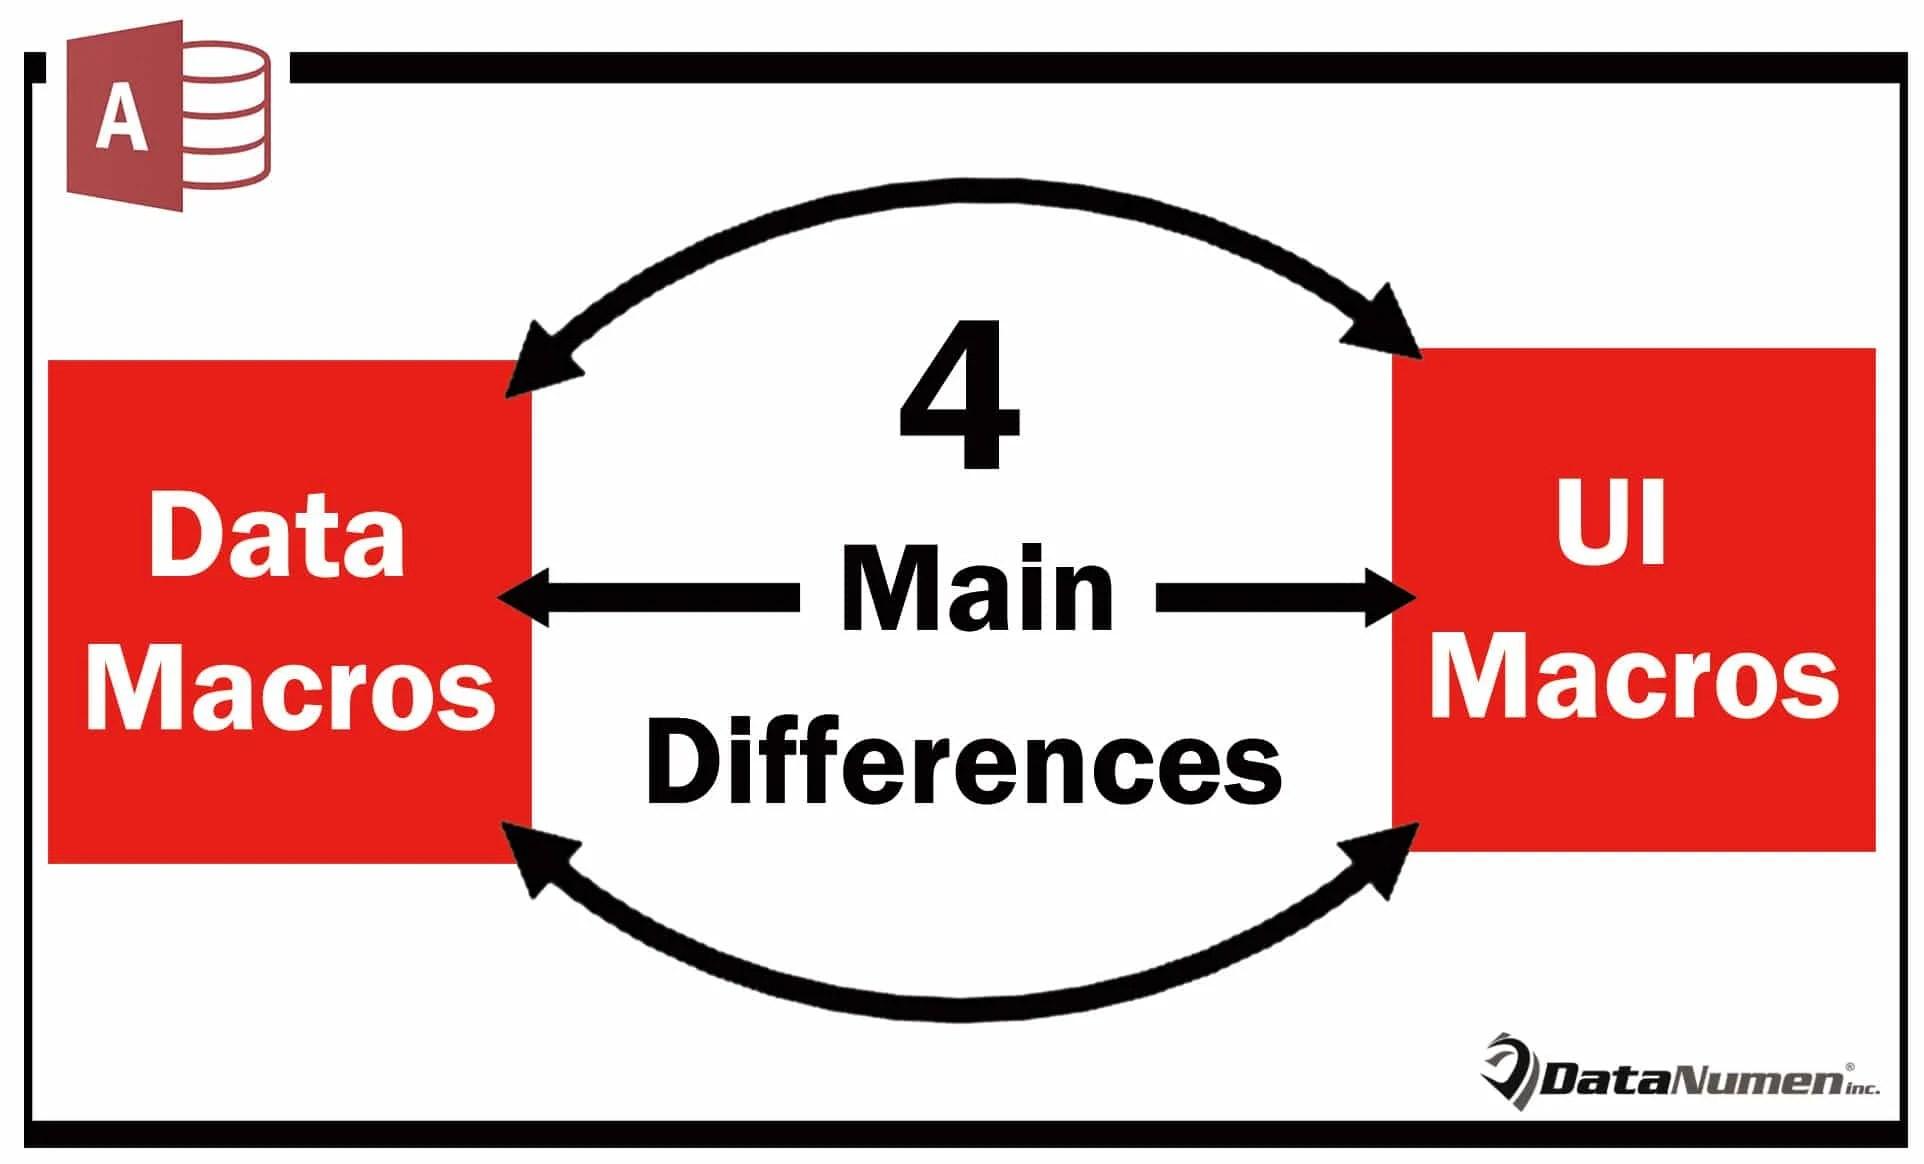 4 Main Differences Between Data Macros And UI Macros